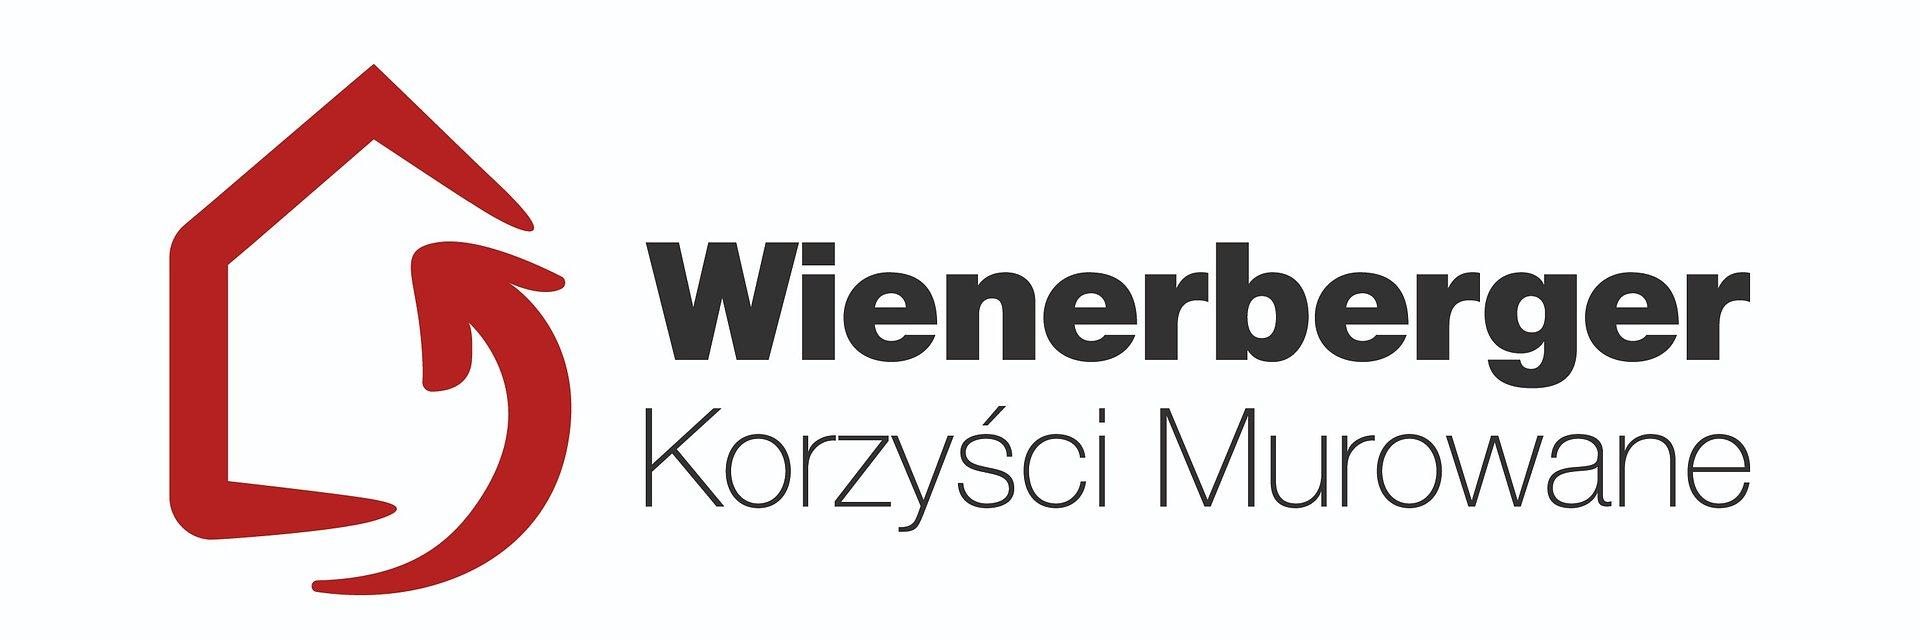 Wienerberger Korzyści Murowane